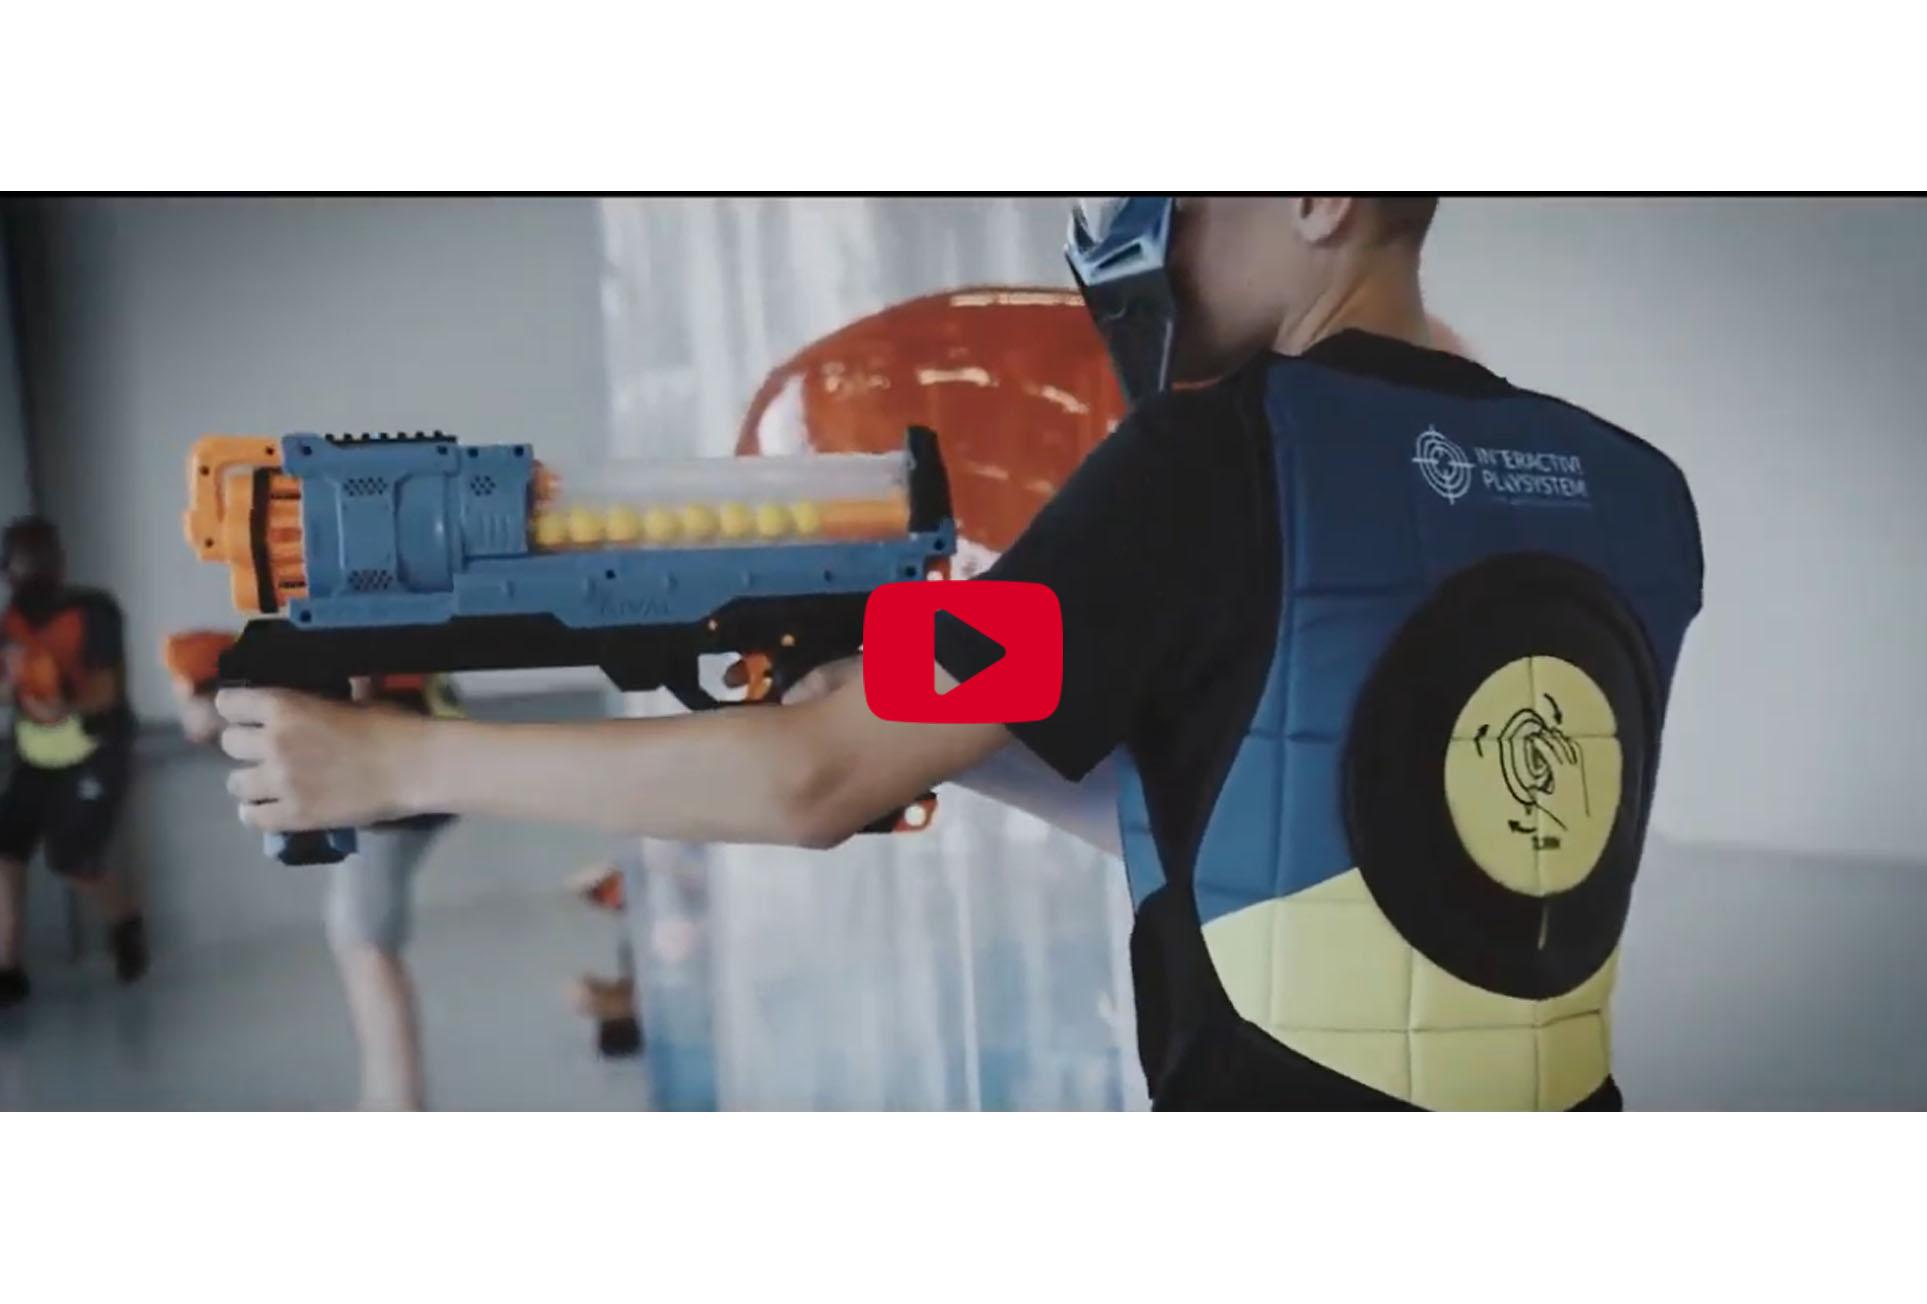 IPS Volwassen Vest + Nerf Guns video